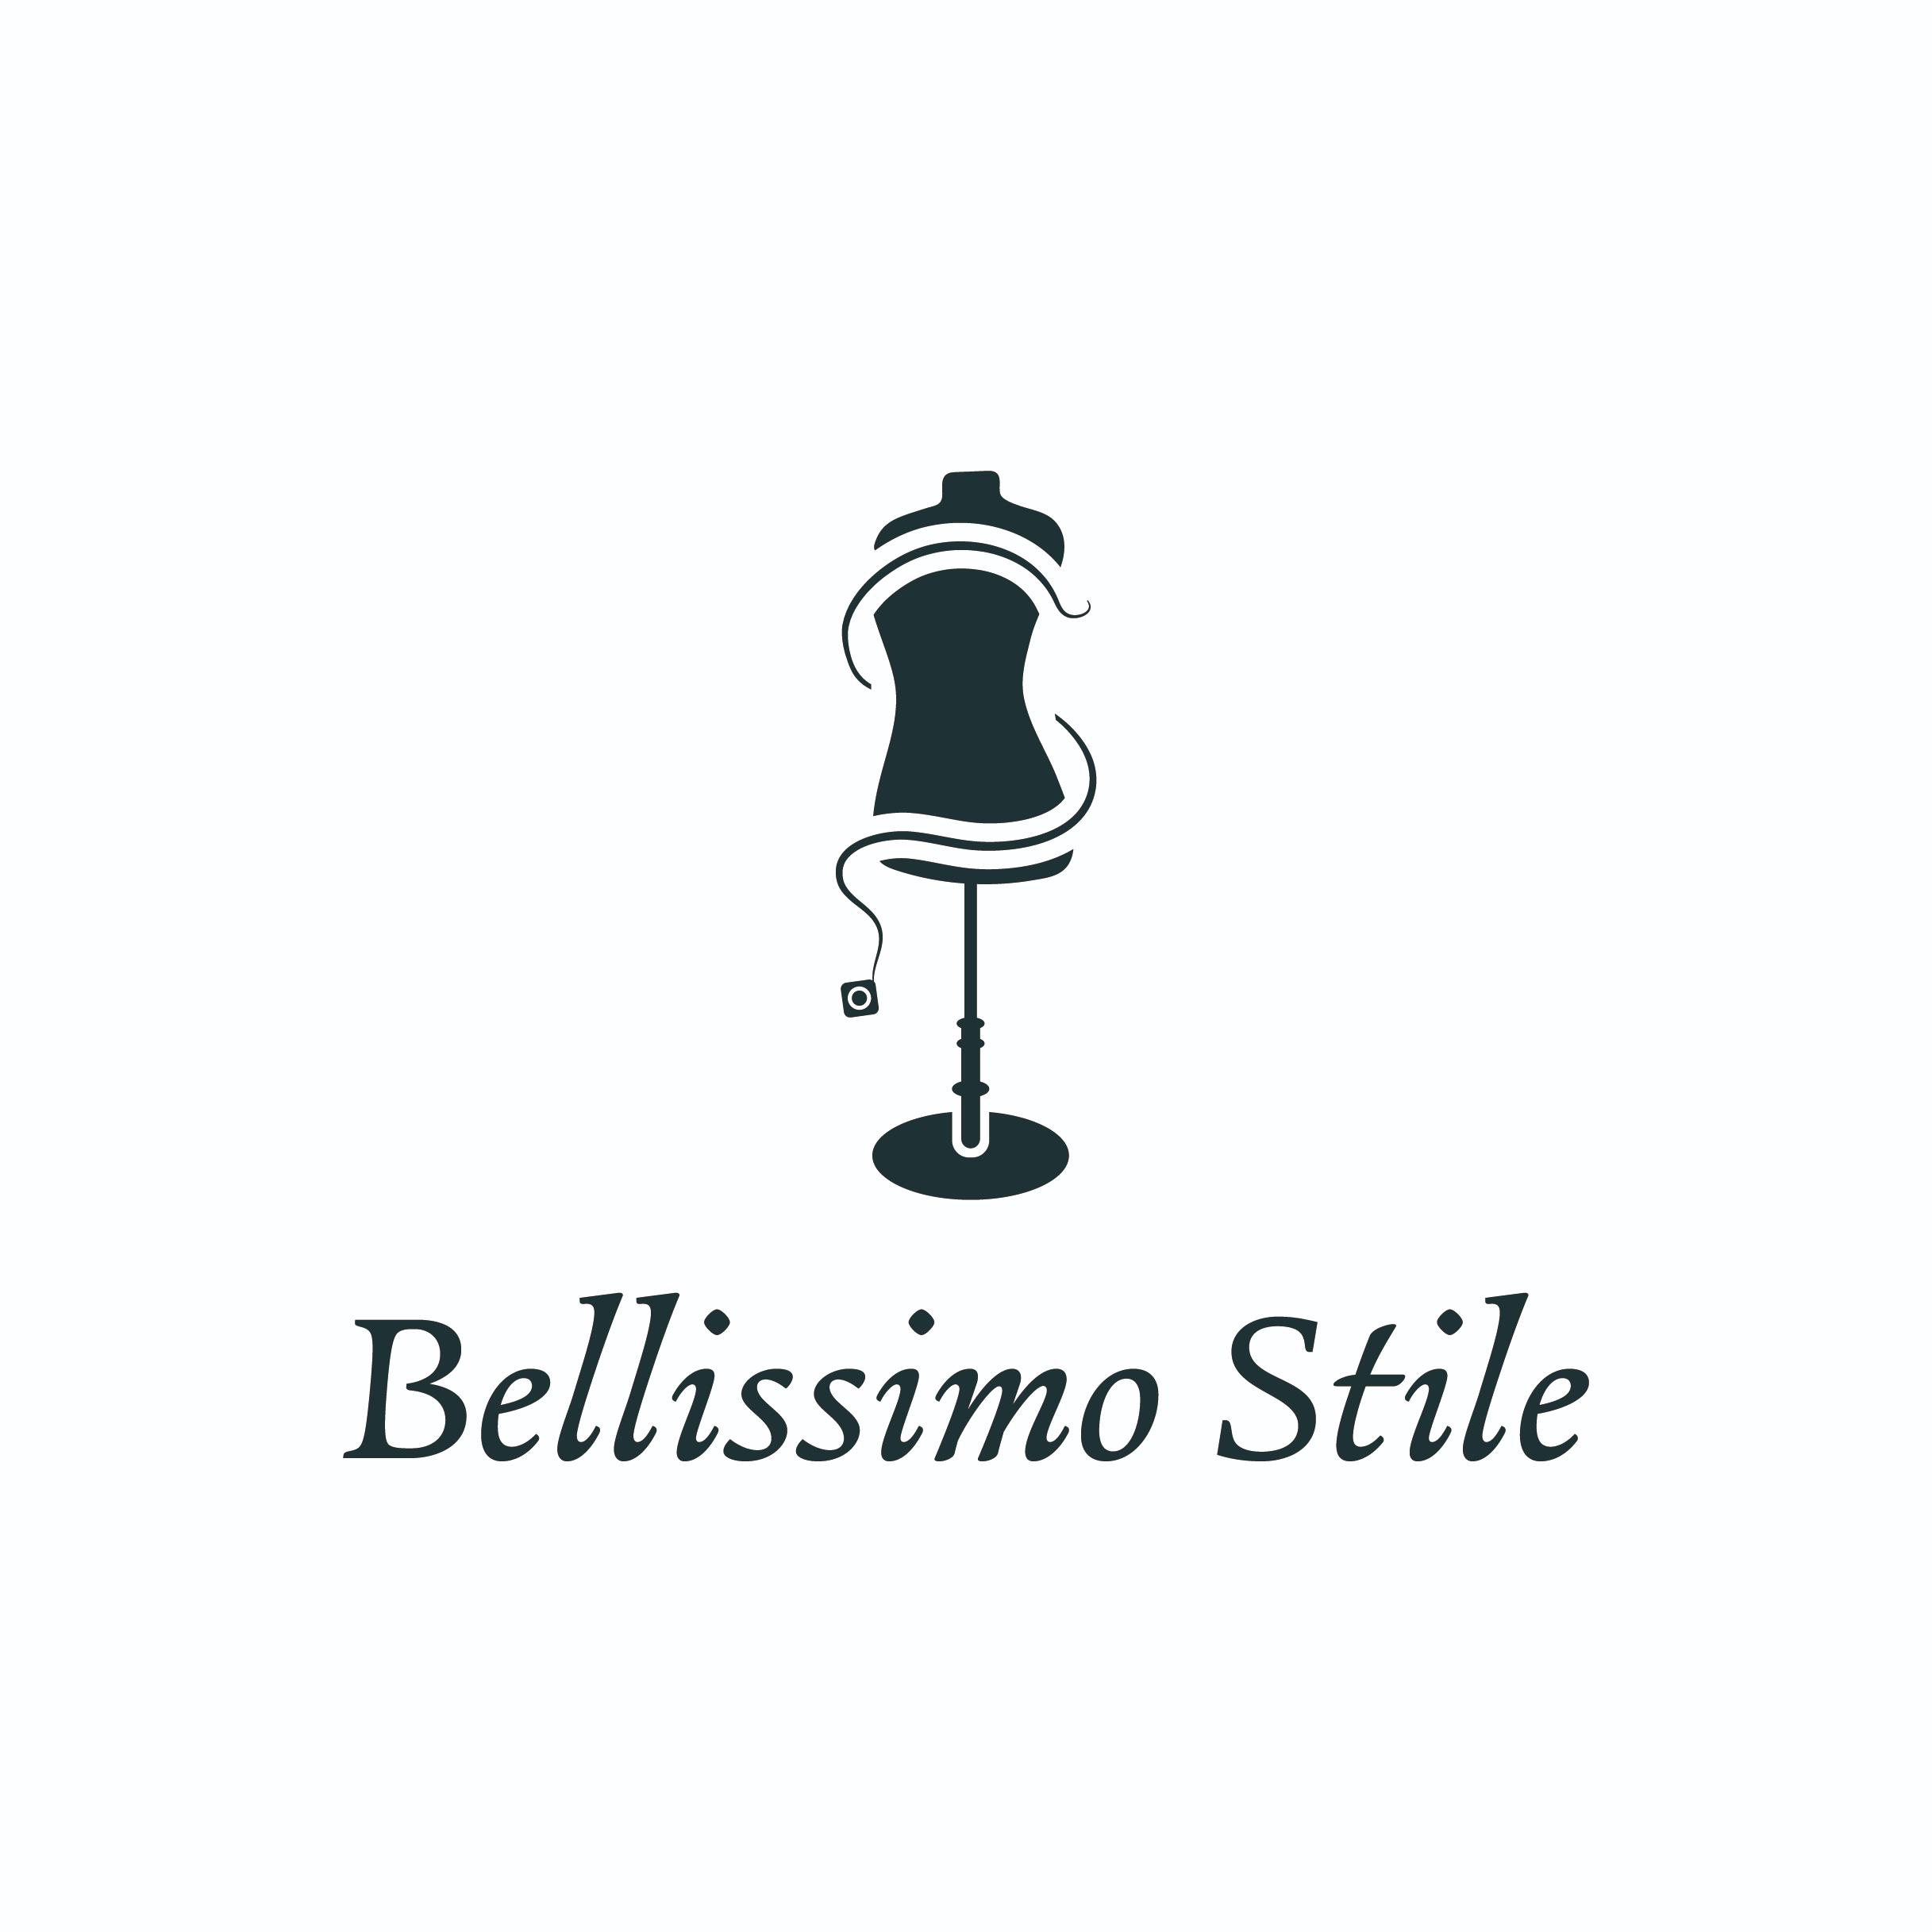 BellissimoStile_ロゴ(最終).jpg